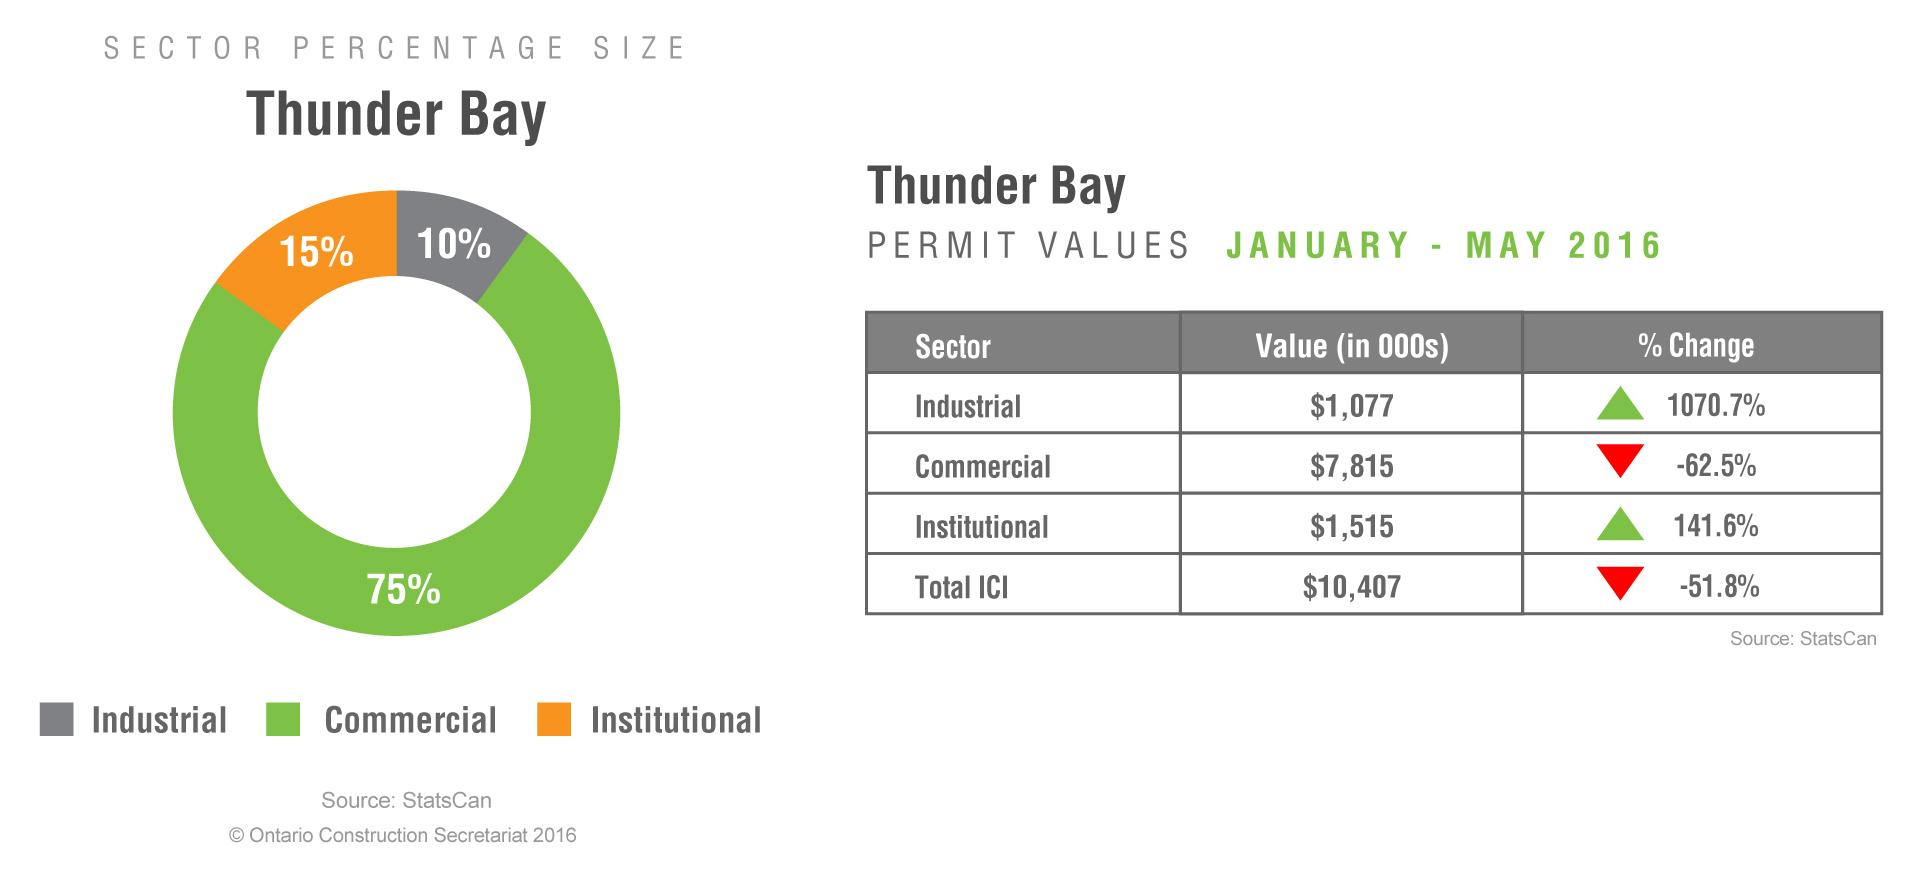 ThunderBay-PV-July2016-B1